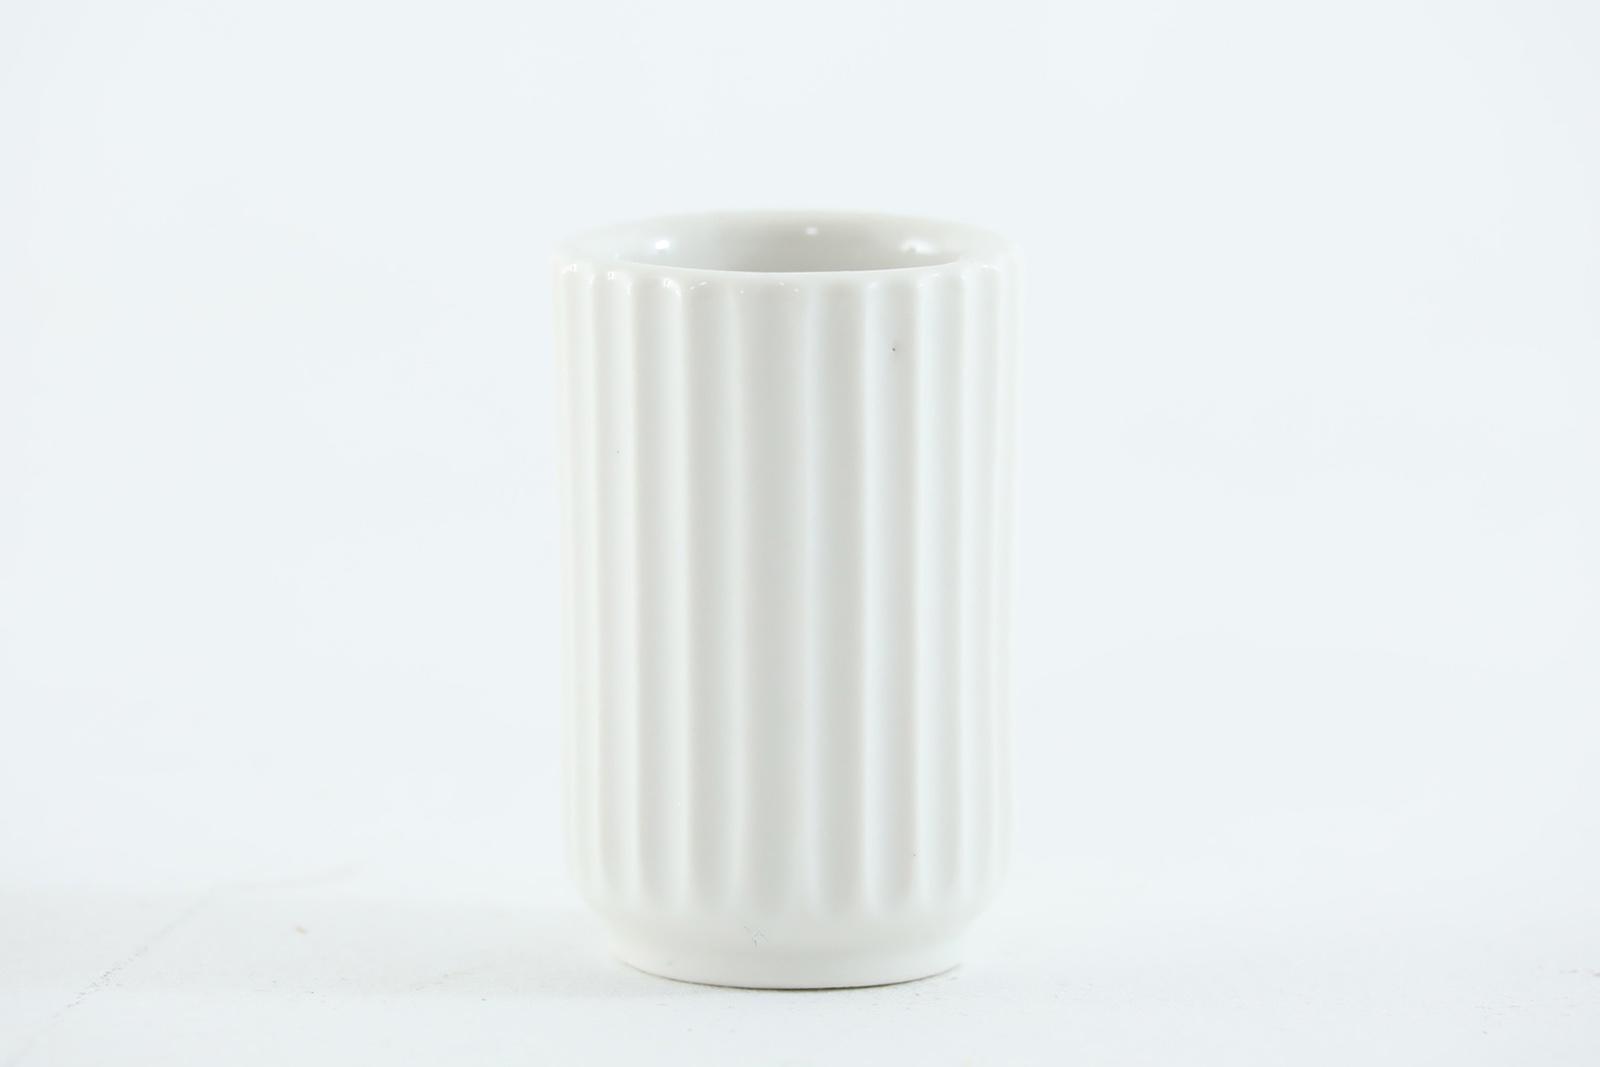 レア品 40年代スタンプ LYNGBYリュンビュー ビンテージフラワーベース 6cm【北欧雑貨 ビンテージ雑貨 アンティーク デンマーク製 一輪挿し 花瓶 置物】